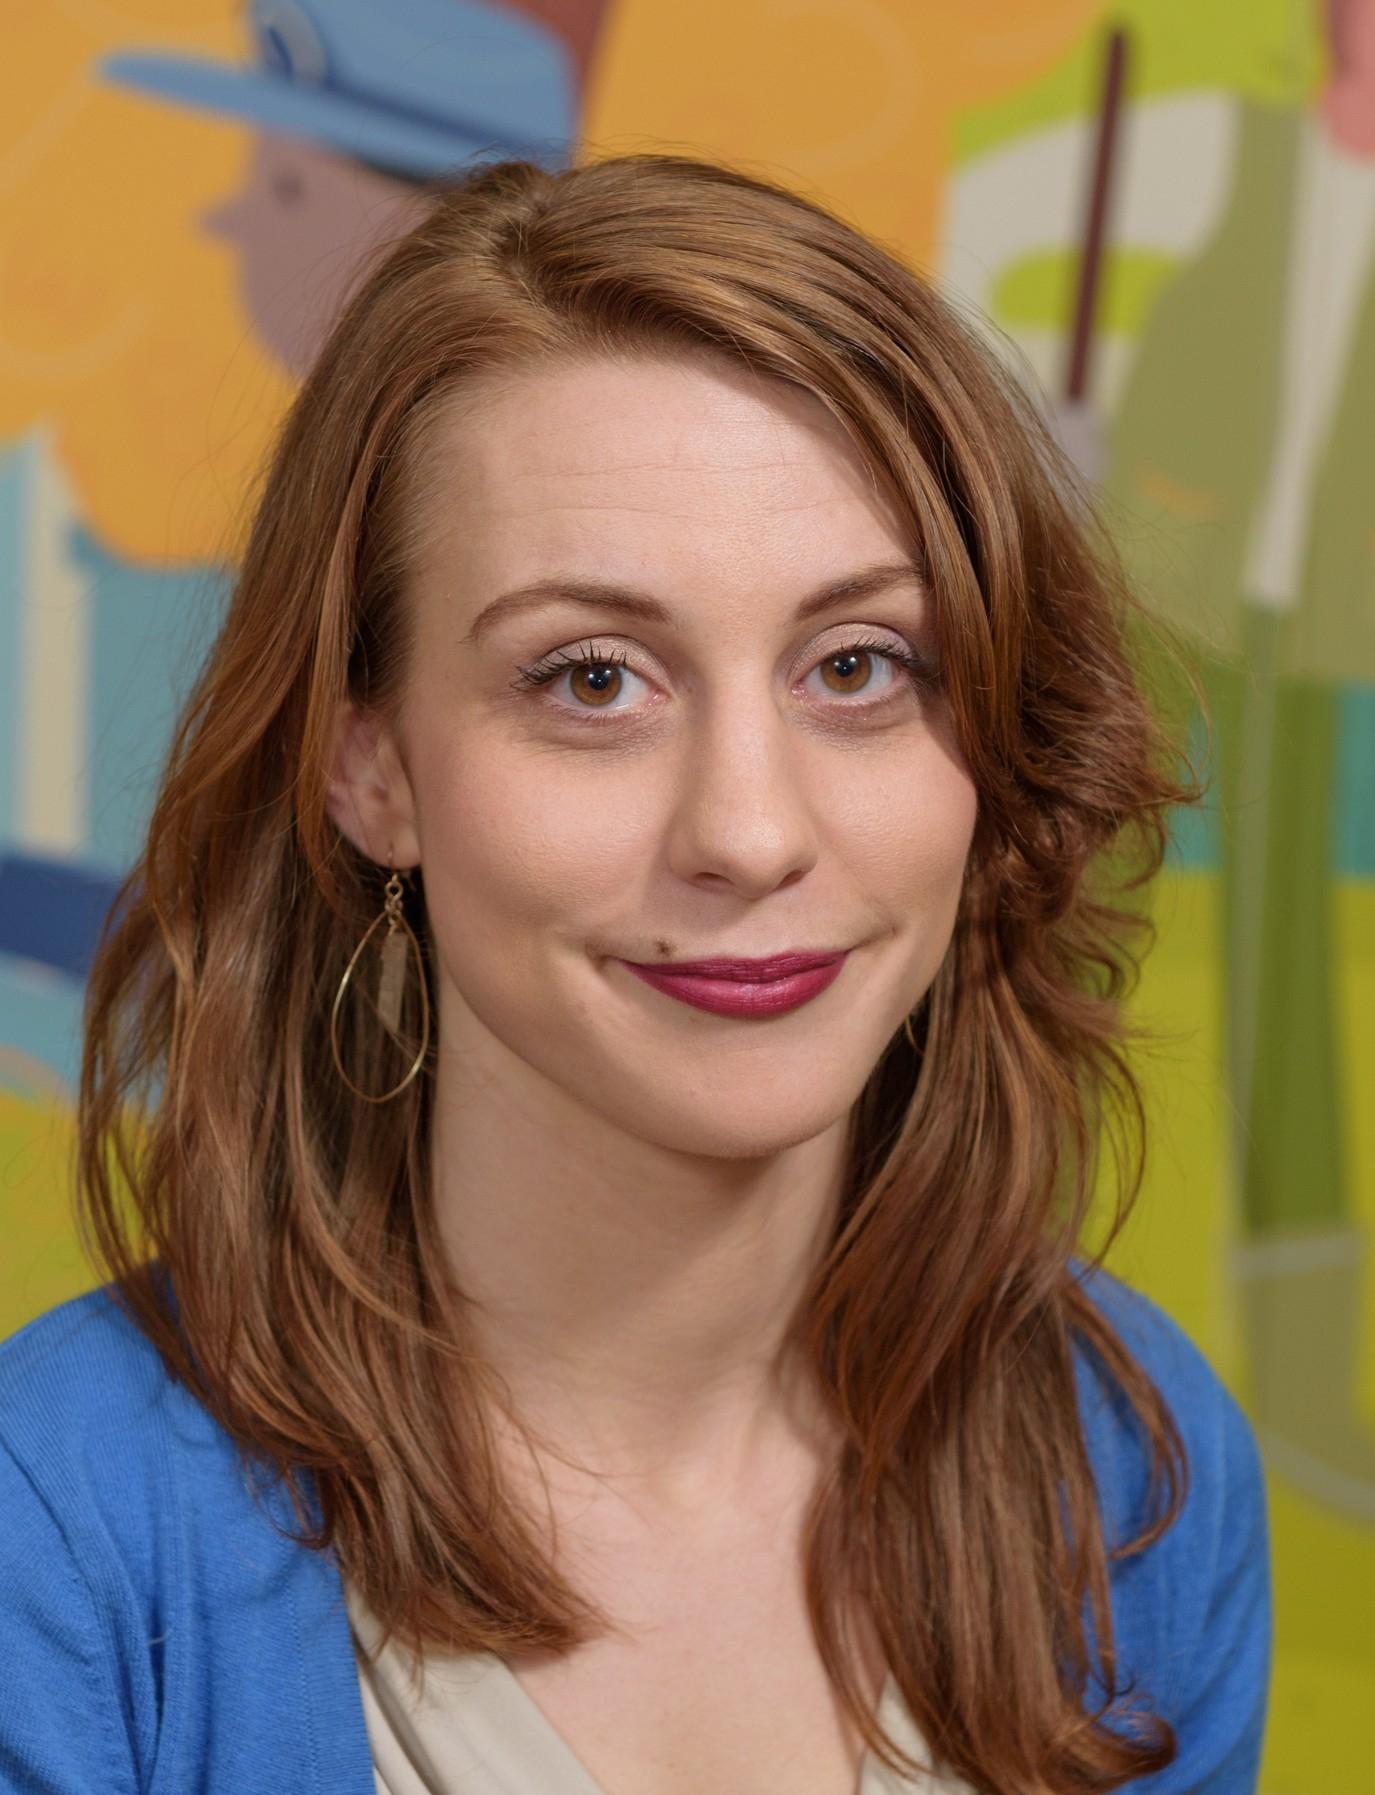 Niki Gillespie